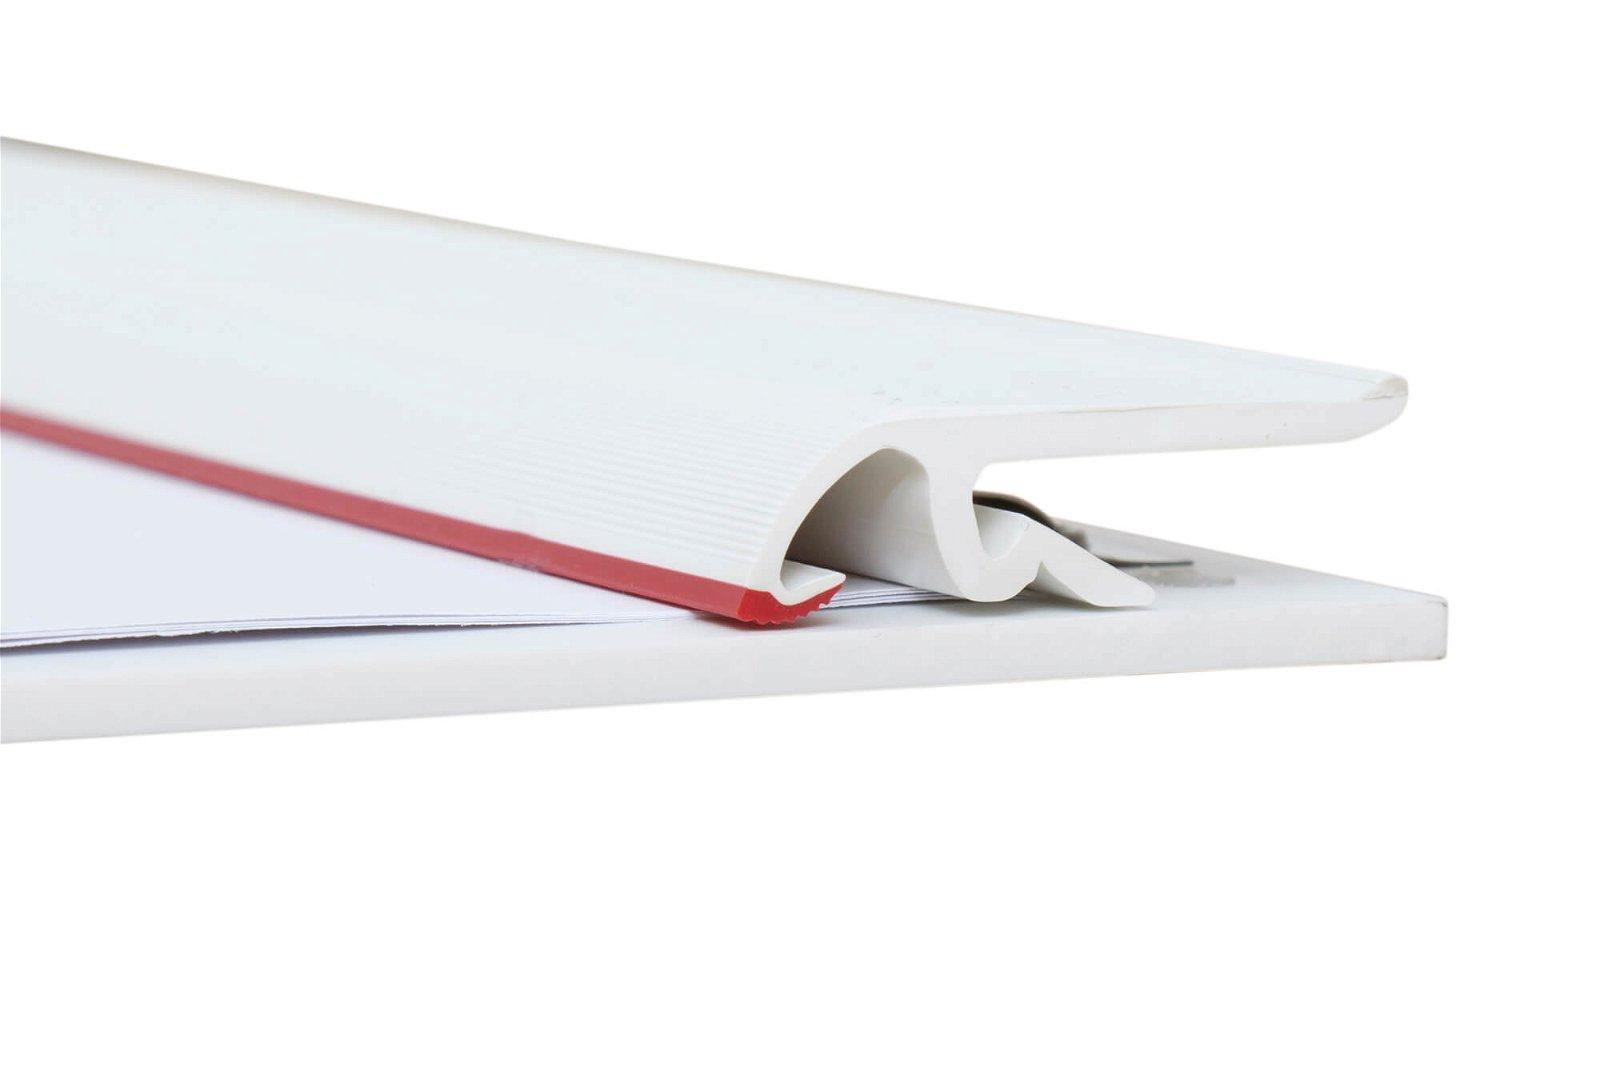 A3 Schreibplatte MAULpro Kunststoff Klemmer kurze Seite, weiß